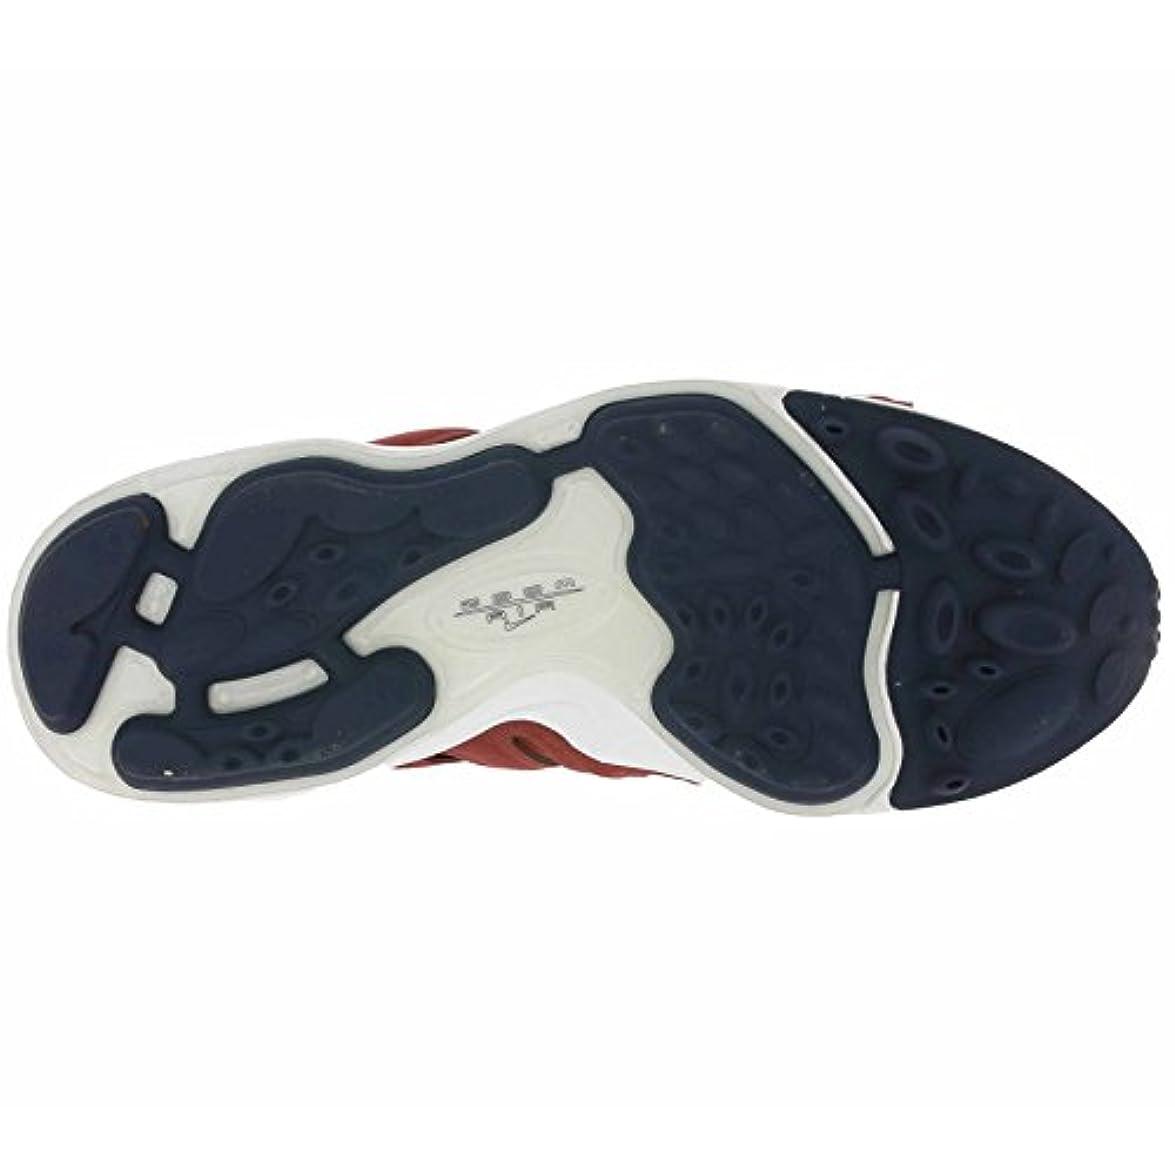 Nike Air Zoom Spirimic Scarpe Da Ginnastica Rosso 881983 600